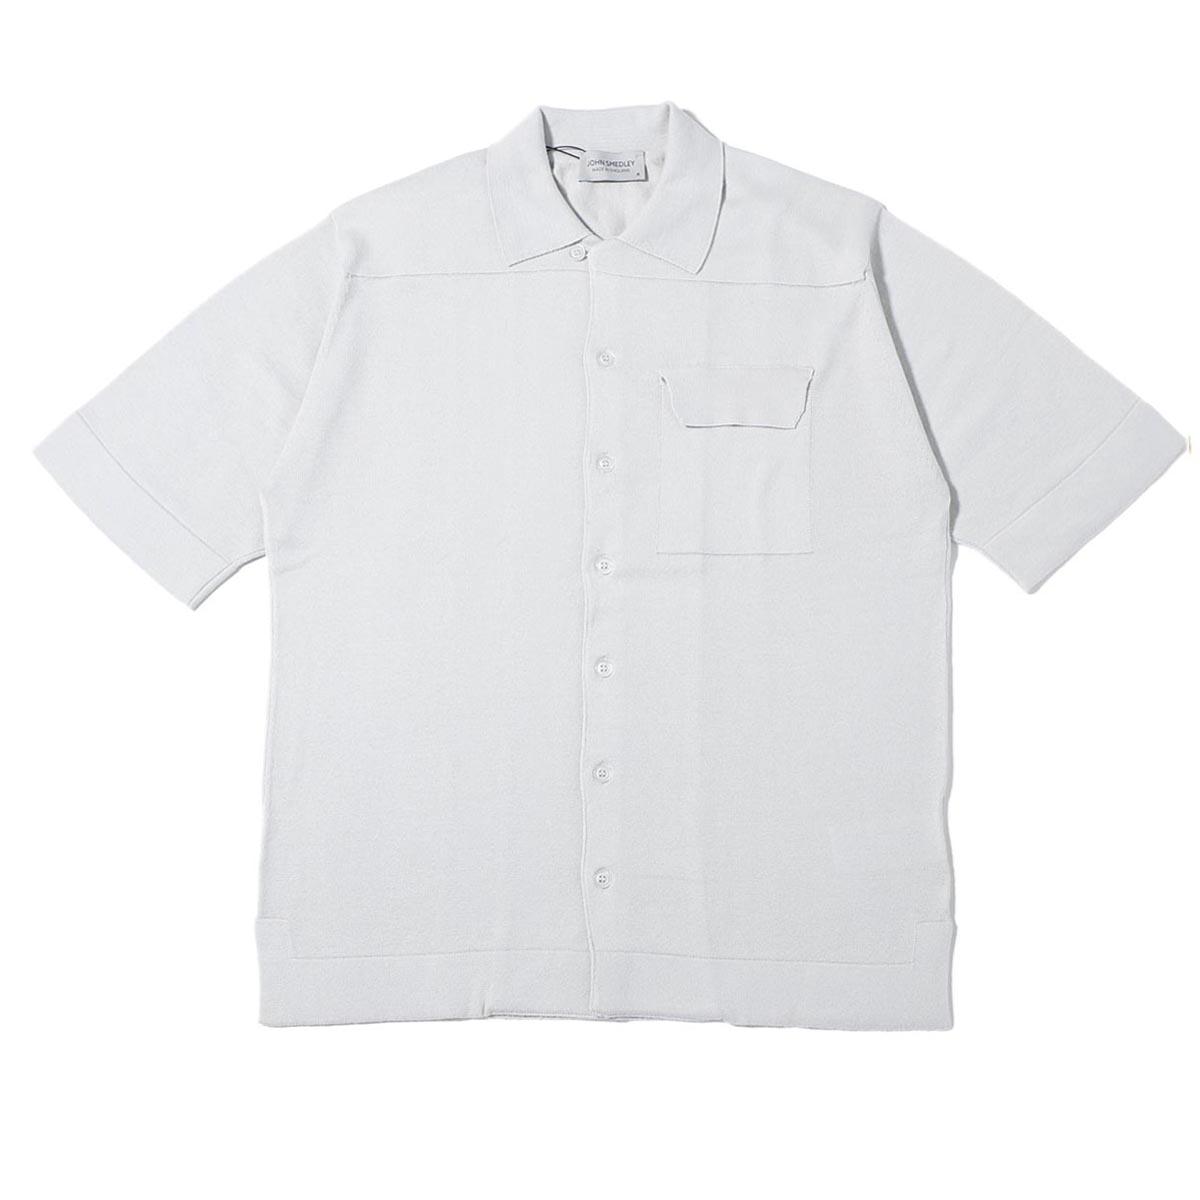 【アウトレット】JOHN SMEDLEY ジョンスメドレー 半袖ニットシャツ/CREEK クリーク 24ゲージ メンズ